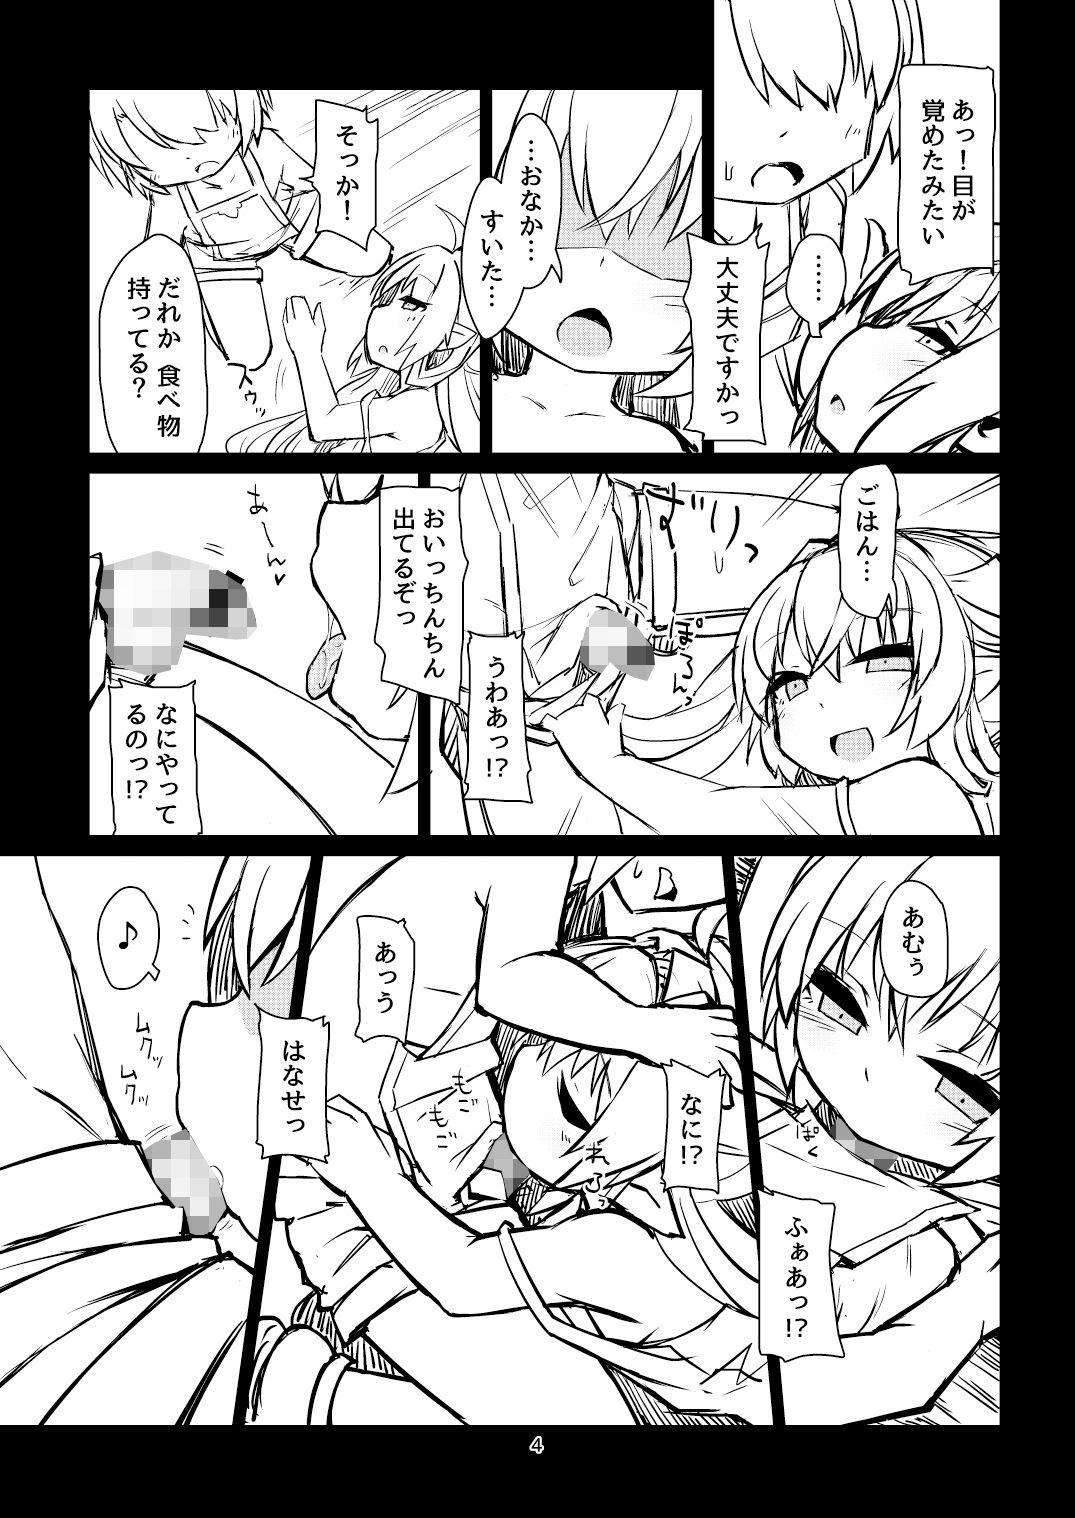 【グランブルーファンタジー 同人】搾精髪長姫